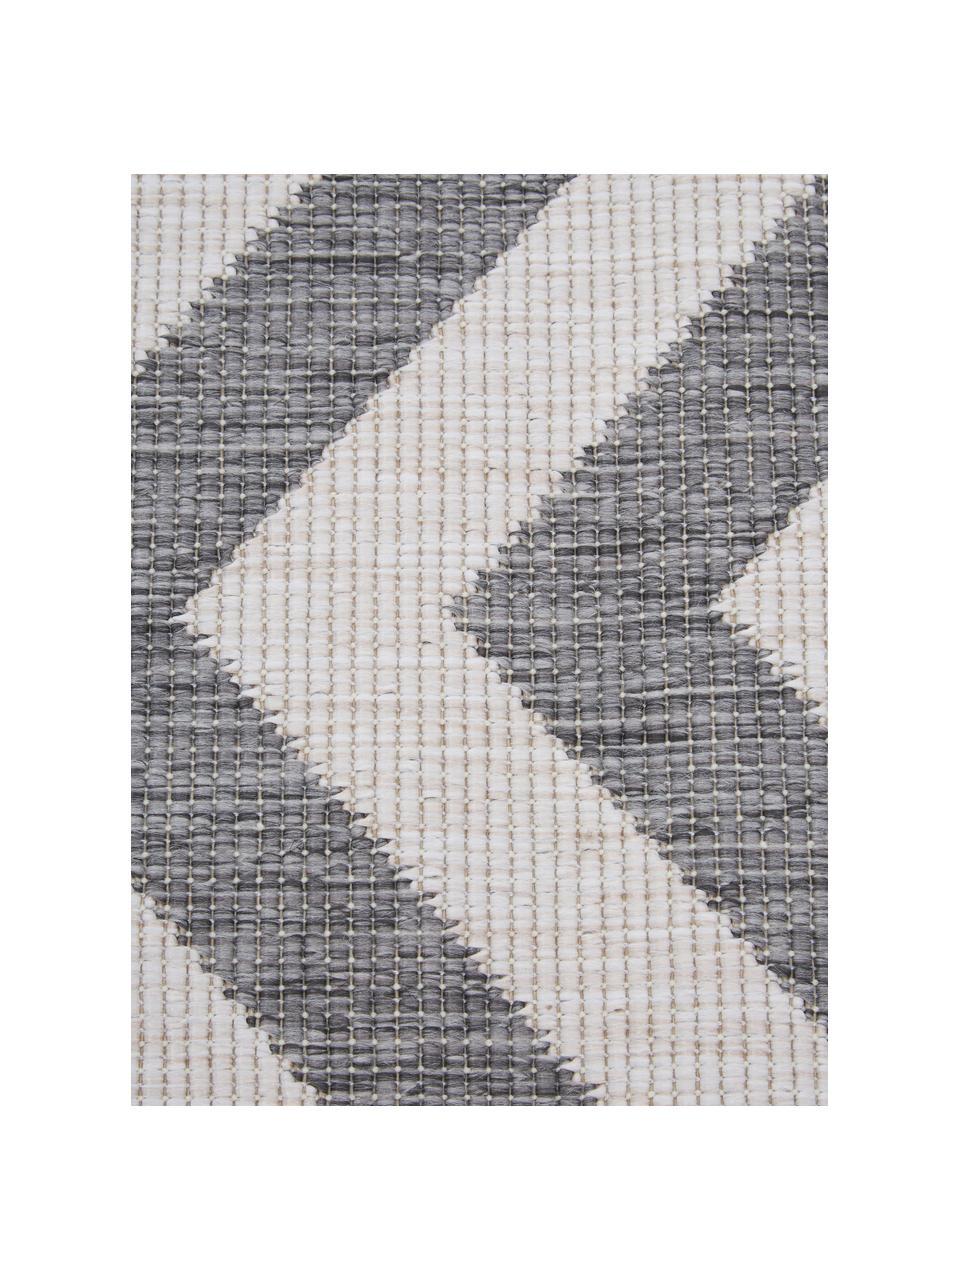 Tappeto reversibile da interno-esterno  con motivo zigzag  Palma, Grigio, crema, Larg.160 x Lung. 230 cm  (taglia M)